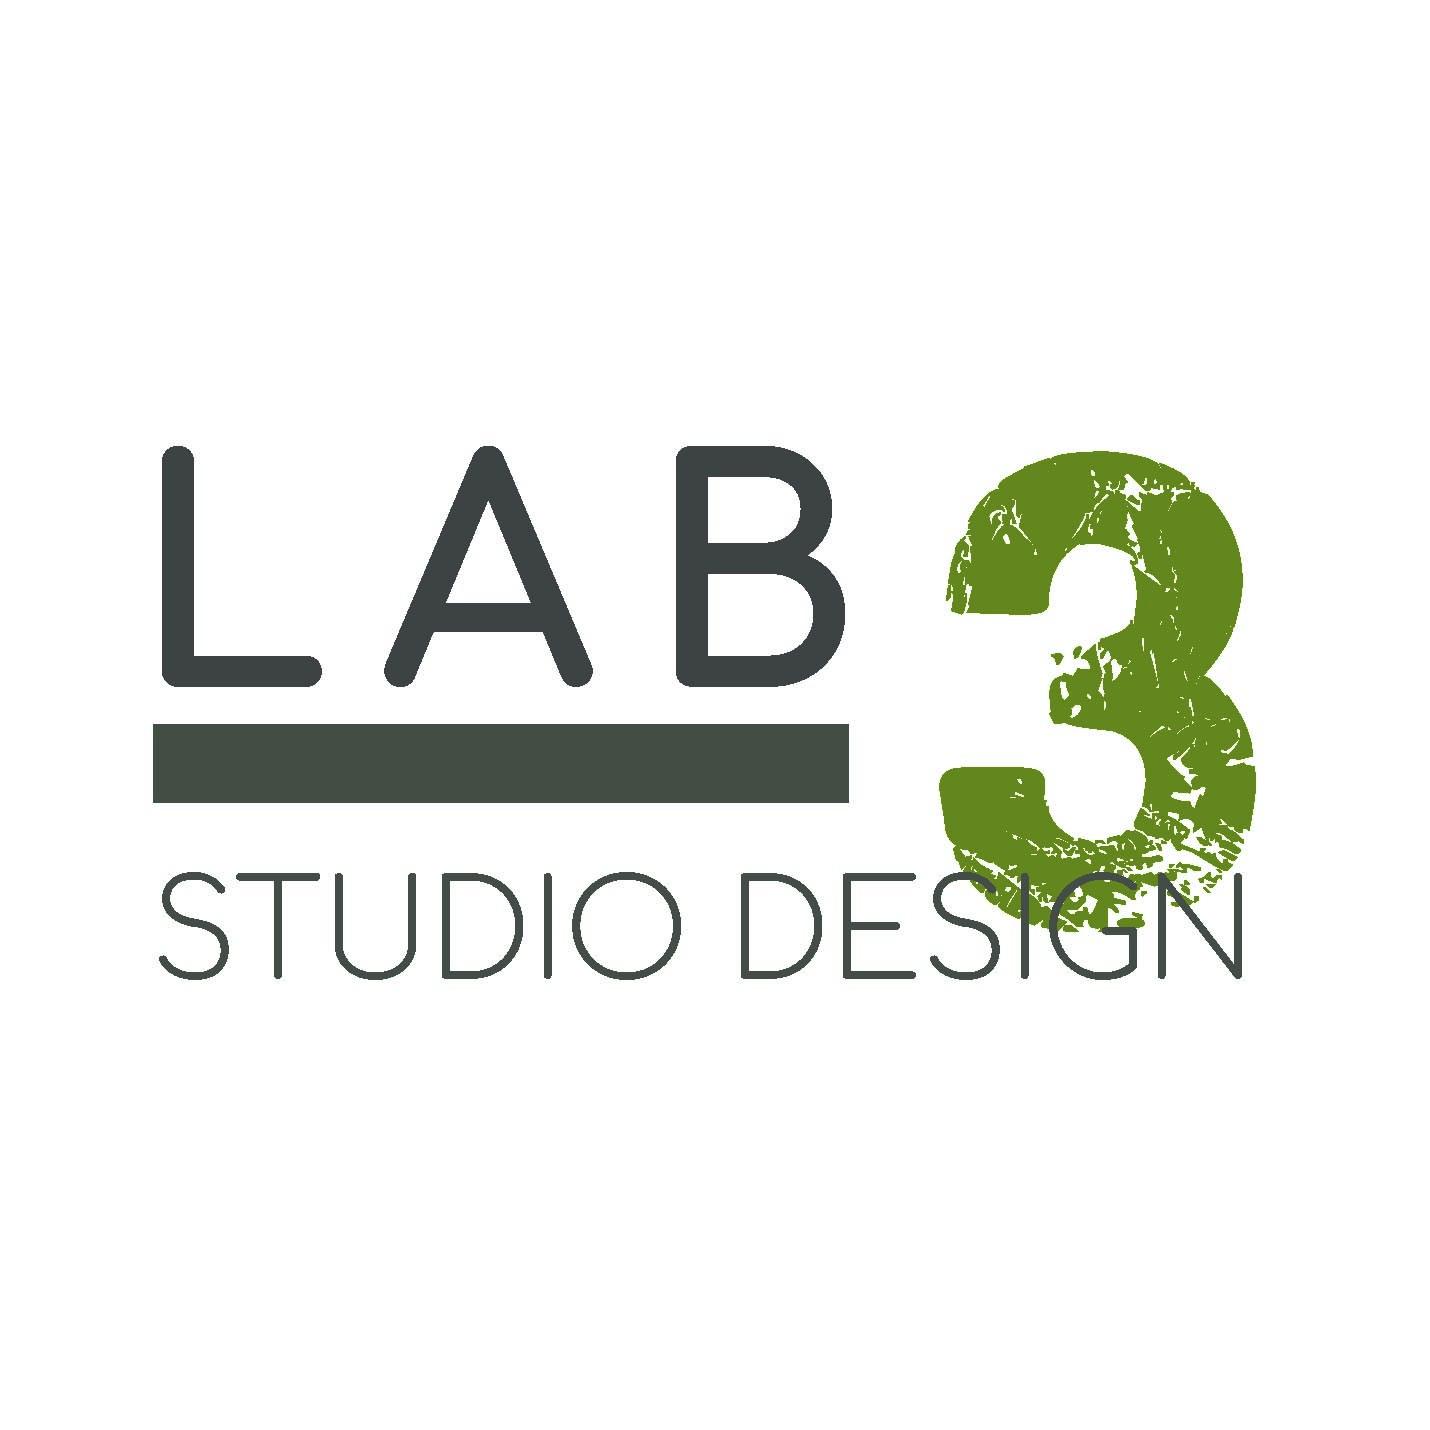 logo LAB 3 Studio Design